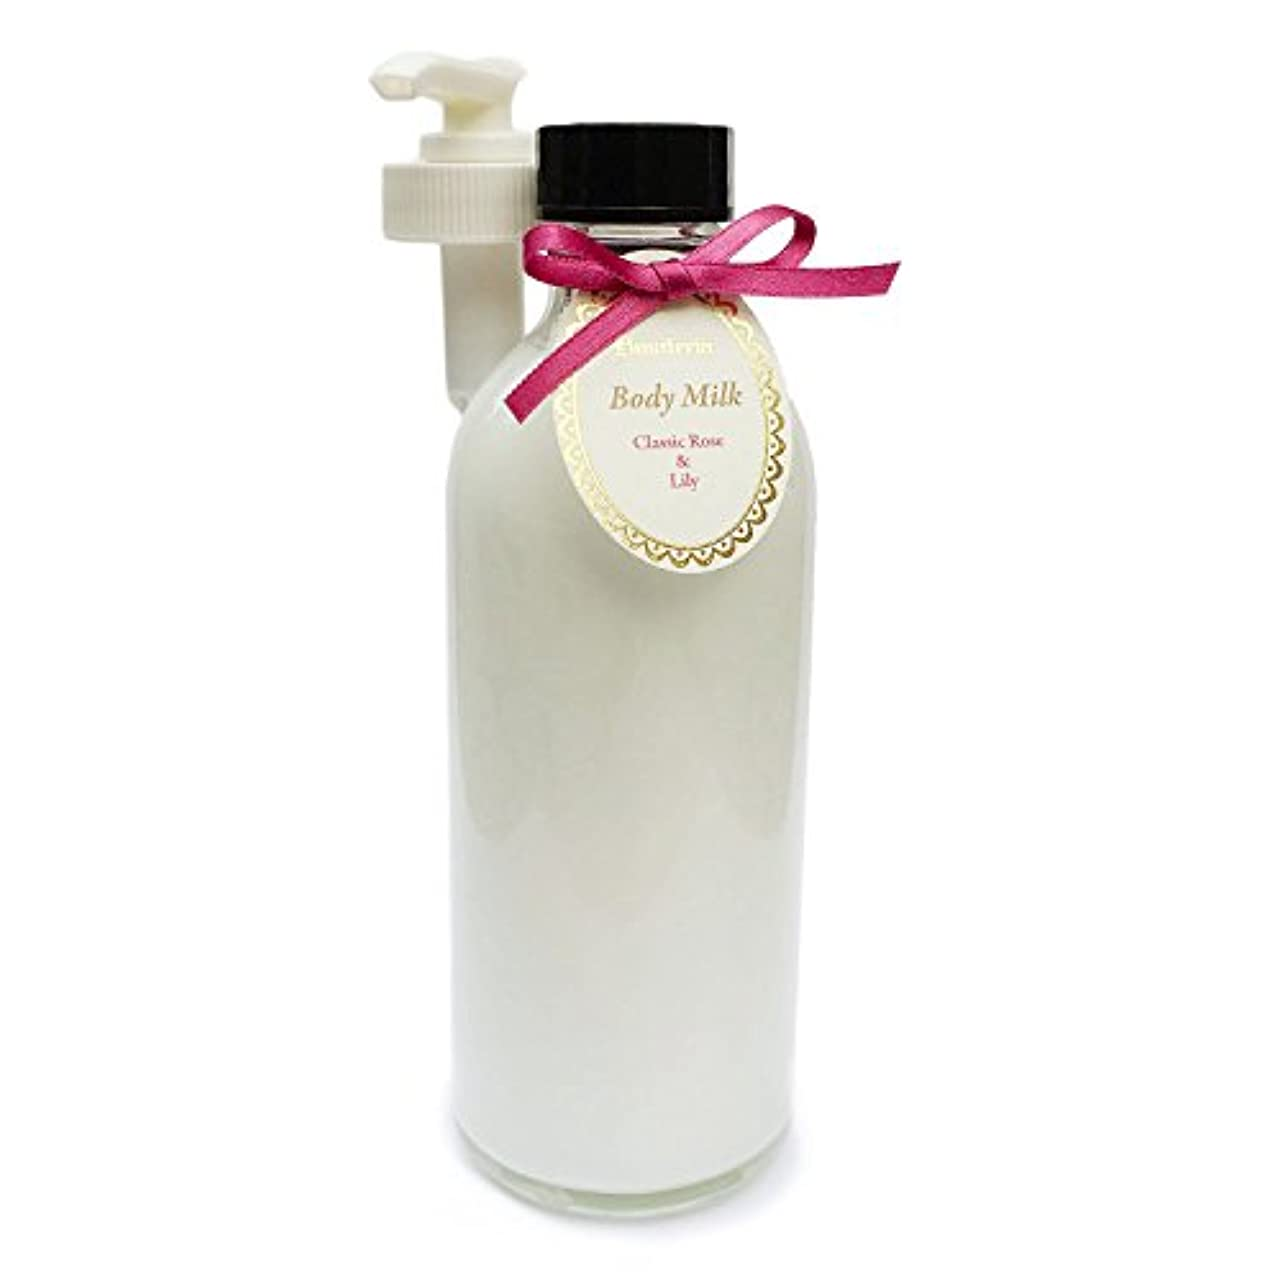 勃起の頭の上慢D materia ボディミルク クラシックローズ&リリー Classic Rose&Lily Body Milk ディーマテリア